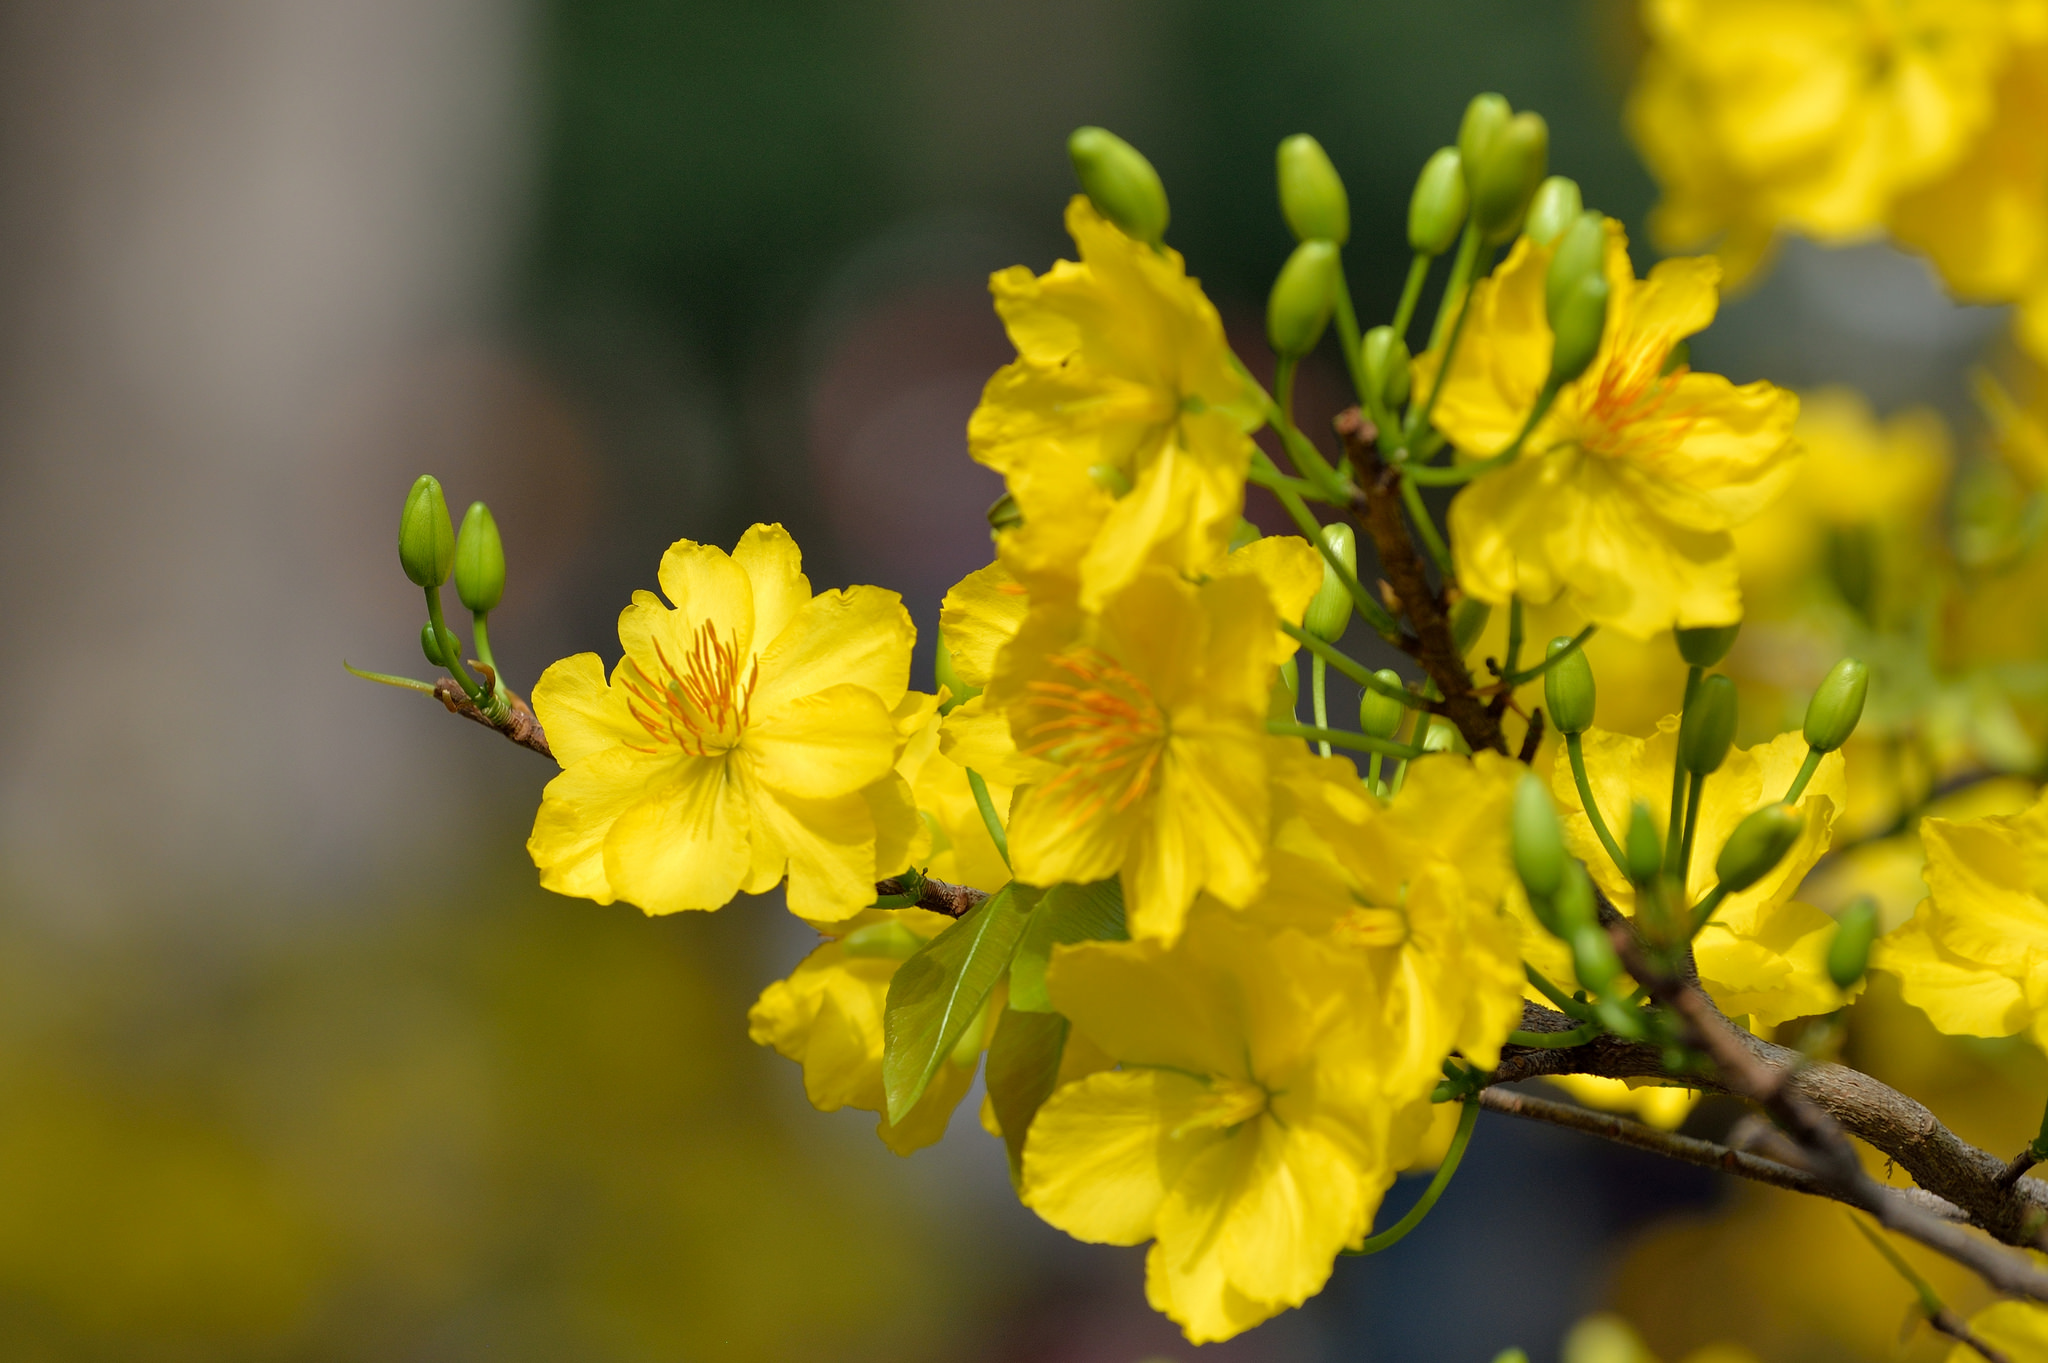 Hình ảnh hoa mai vàng cực đẹp